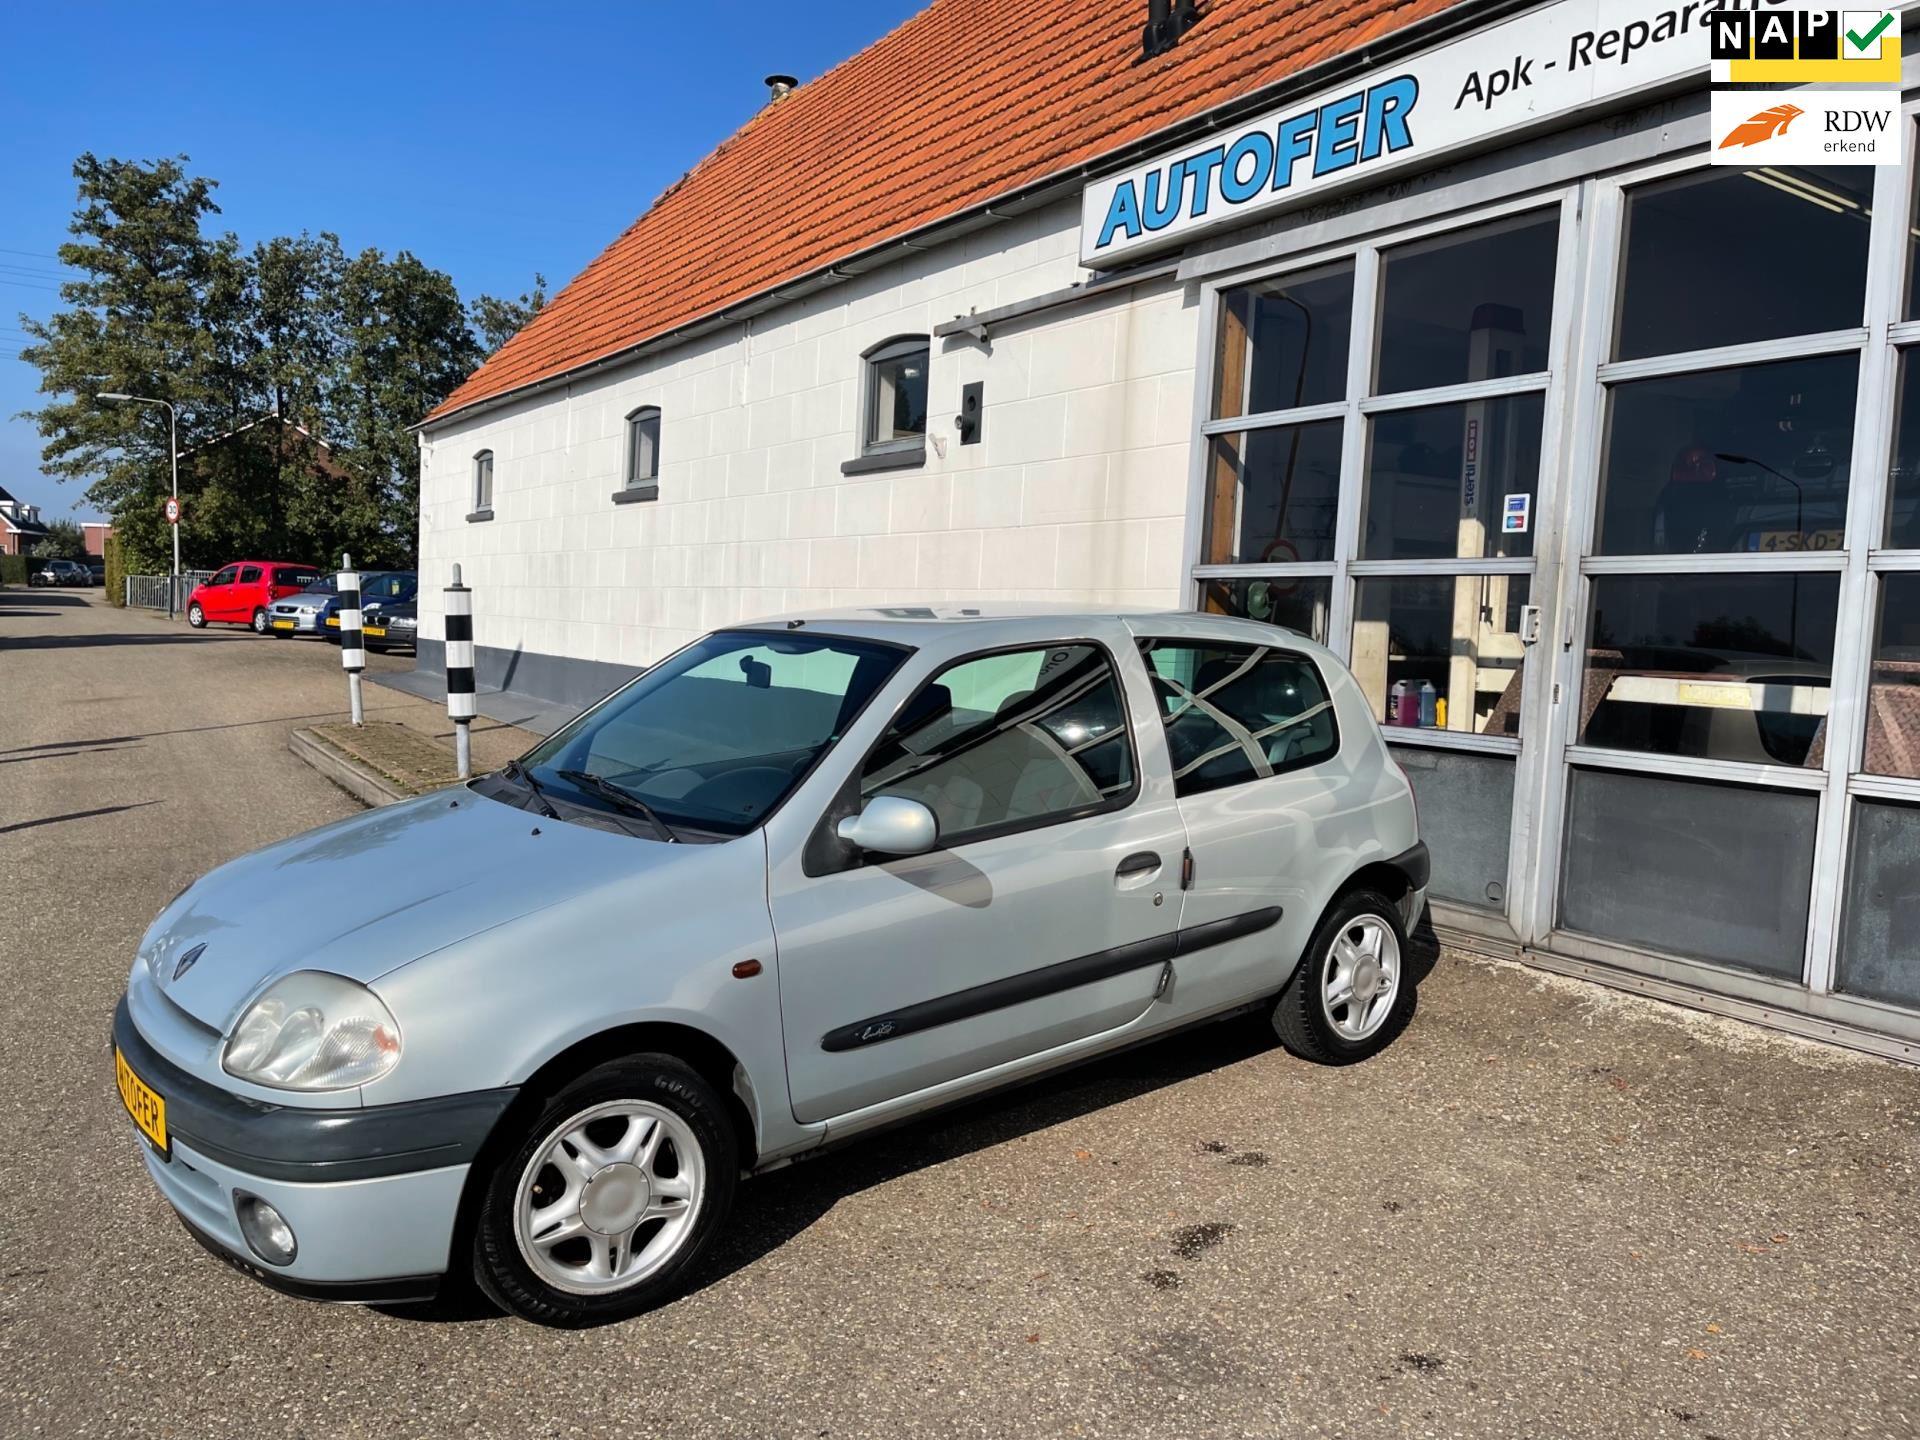 Renault Clio occasion - Autofer